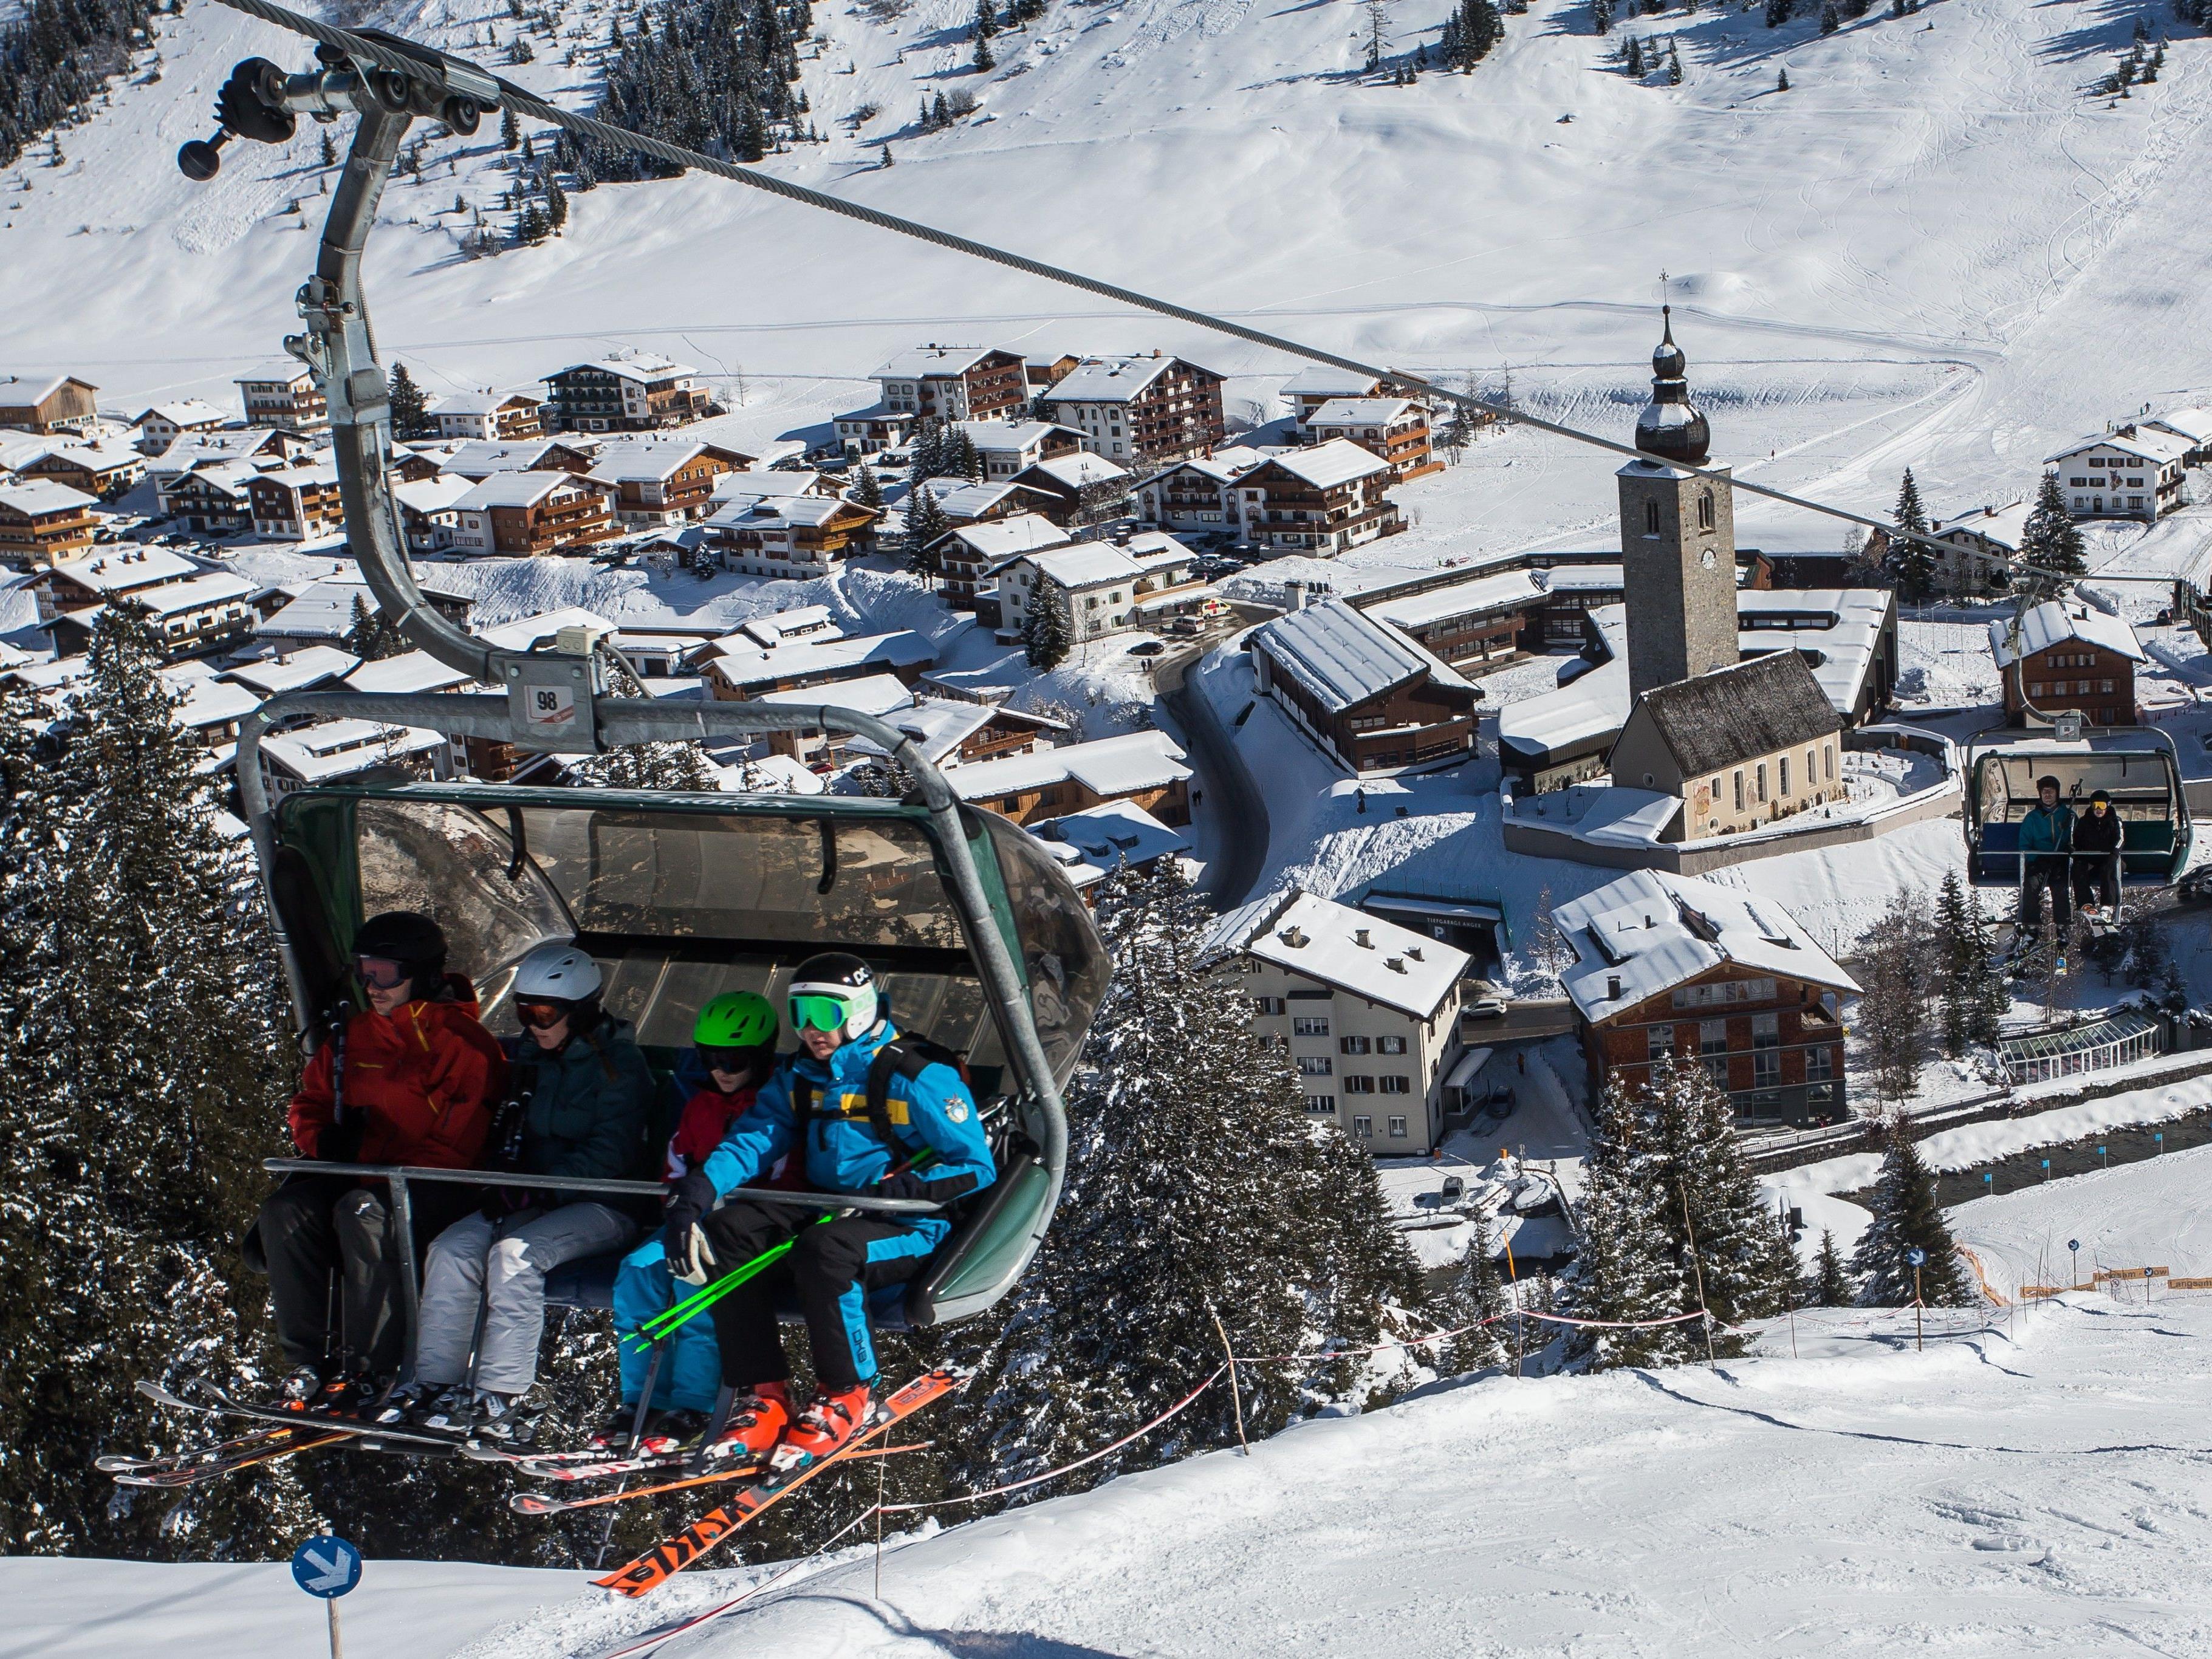 Der Vorarlberger Wintertourismus muss heuer starke Nächtigungsrückgänge verkraften.